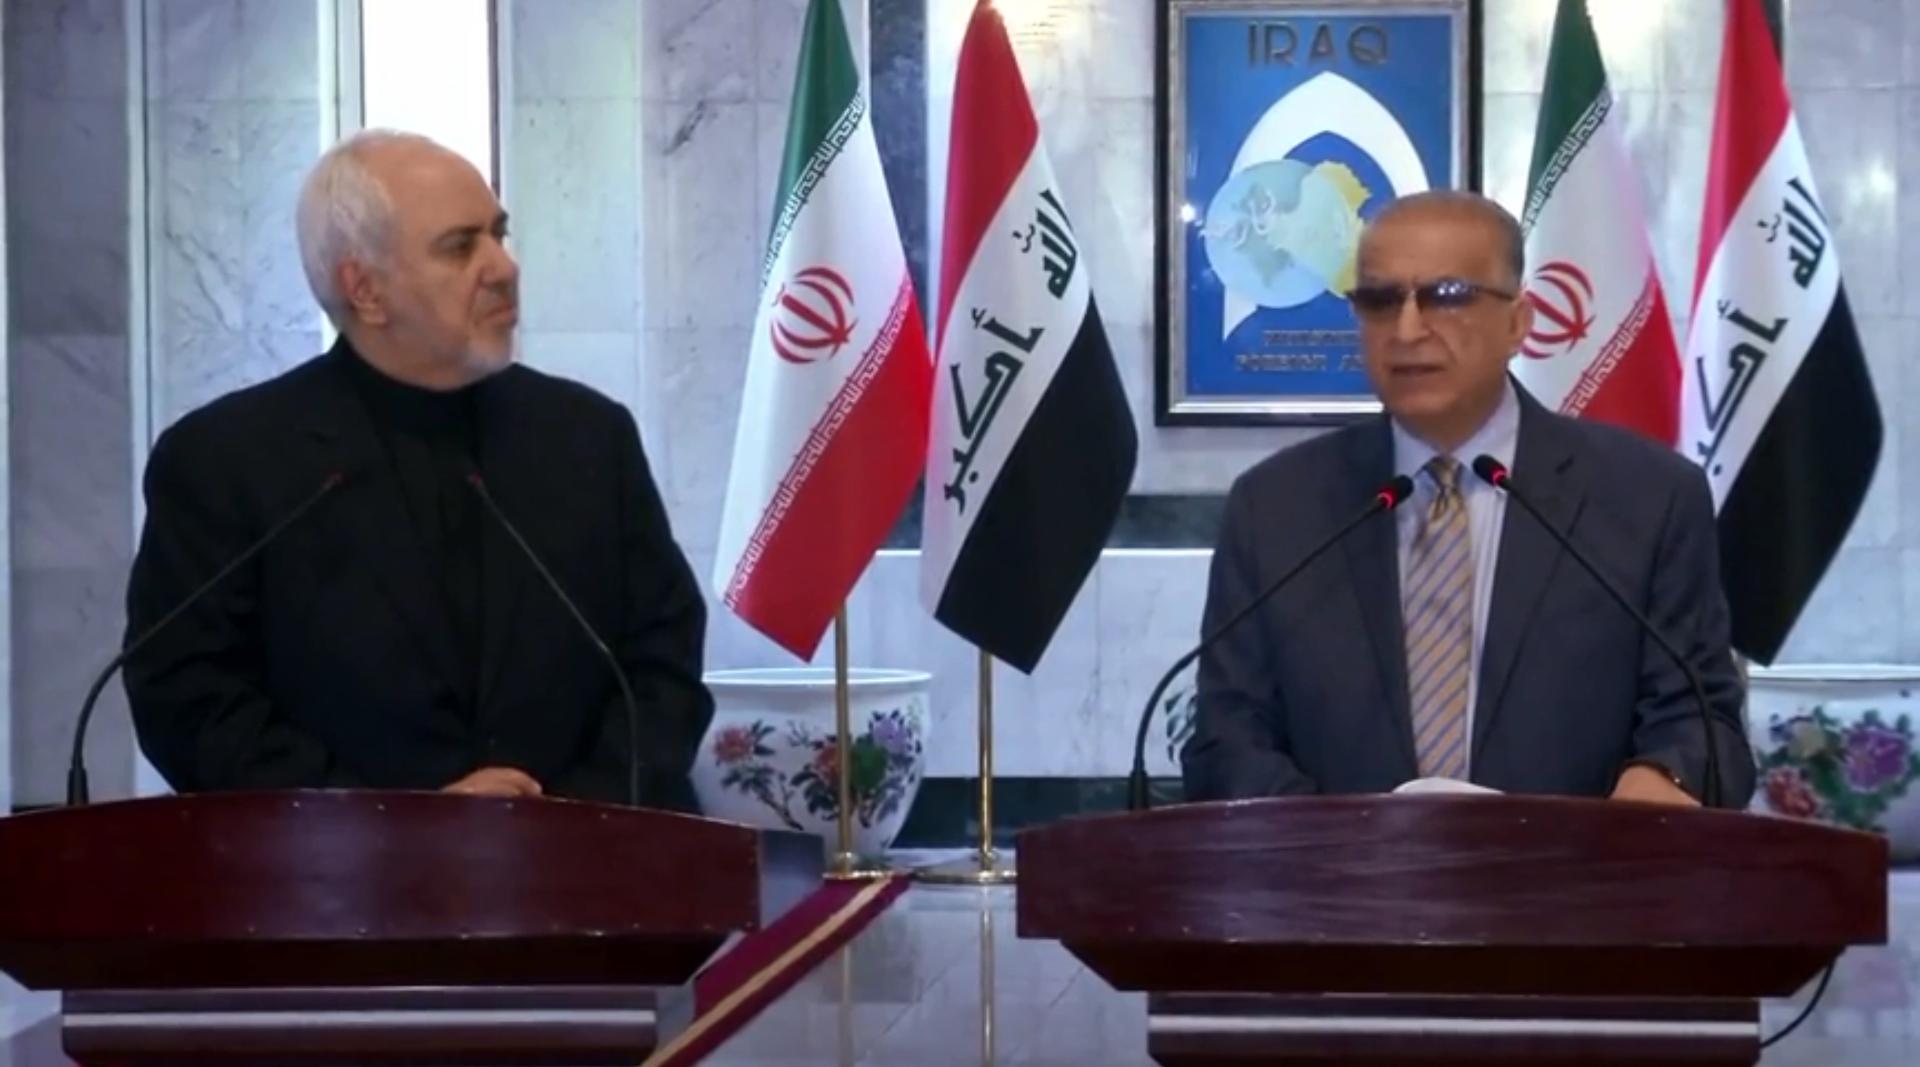 وزير الخارجية العراقي، محمد علي الحكيم، ونظيره الإيراني، محمد جواد ظريف (بغداد، 26 مايو 2019).